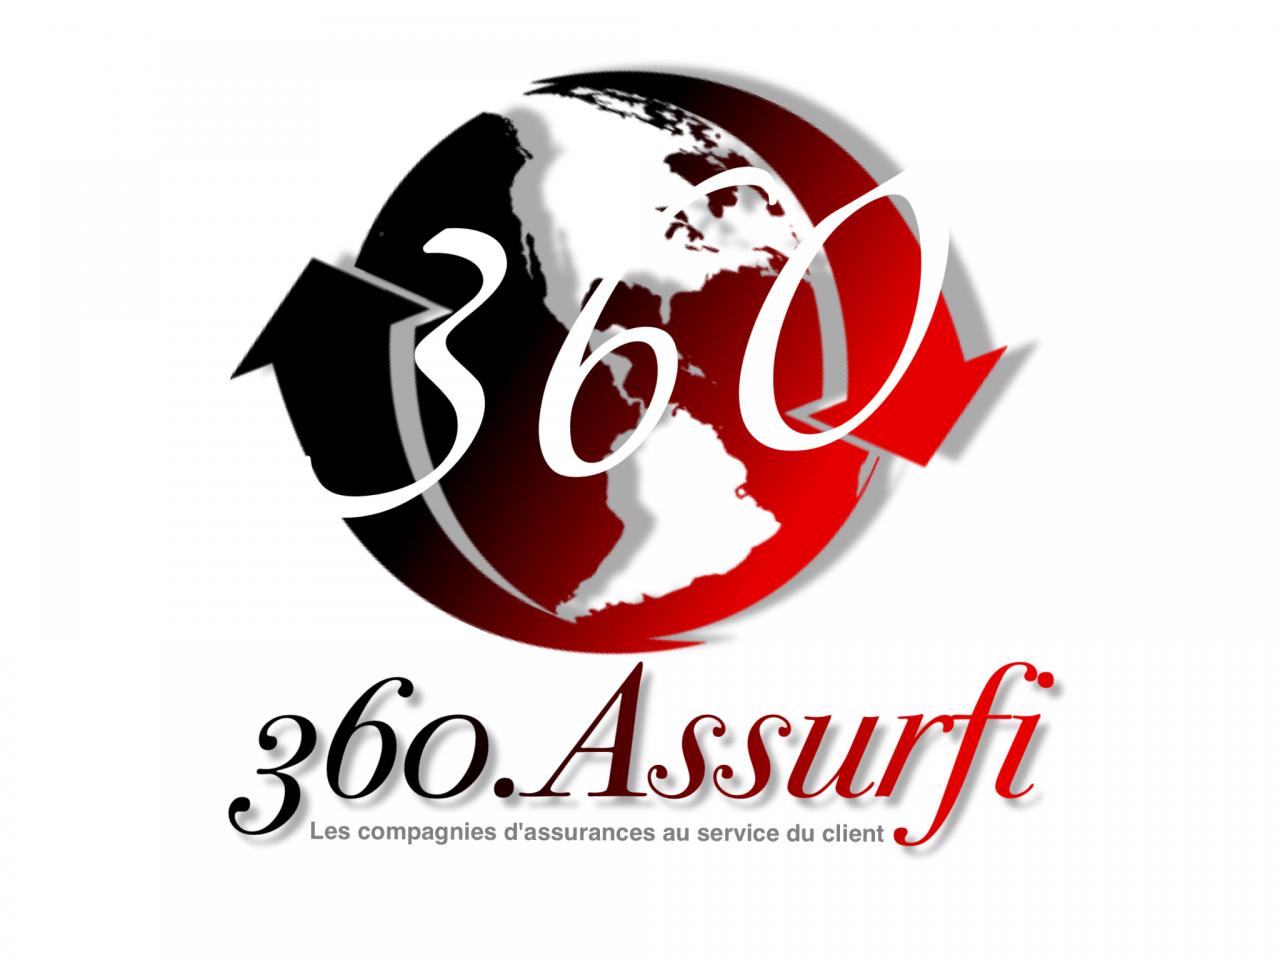 360.assurfi